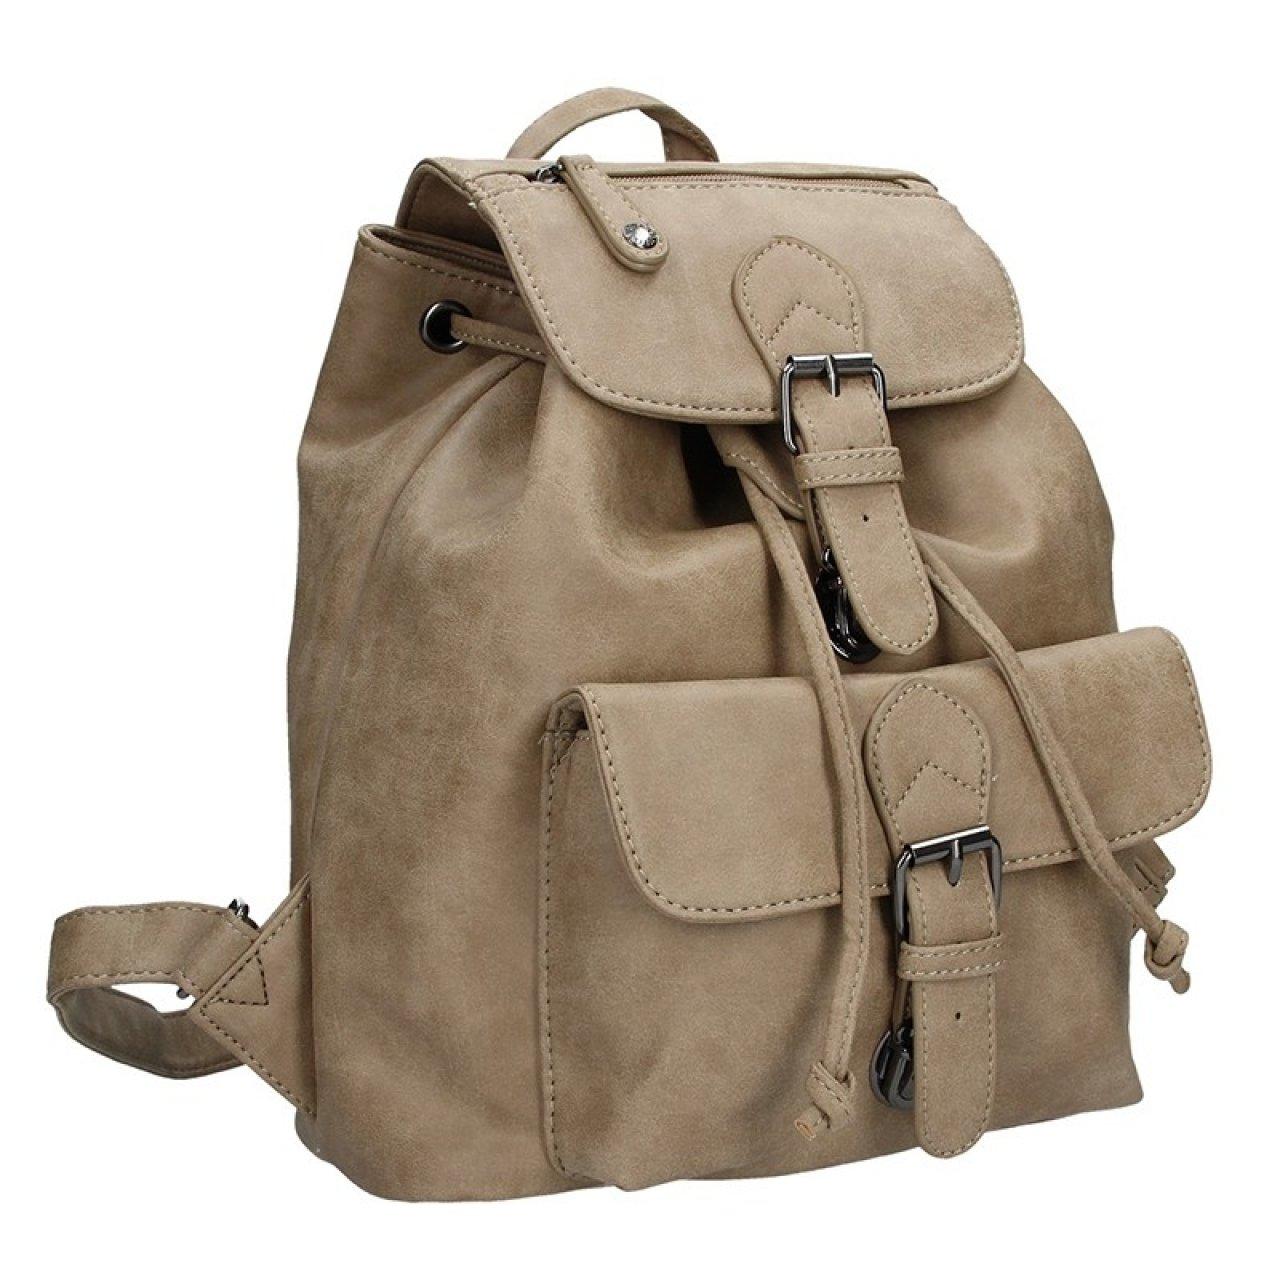 Moderní dámský batoh Enrico Benetti 66194 - světle hnědá  291afc7efc